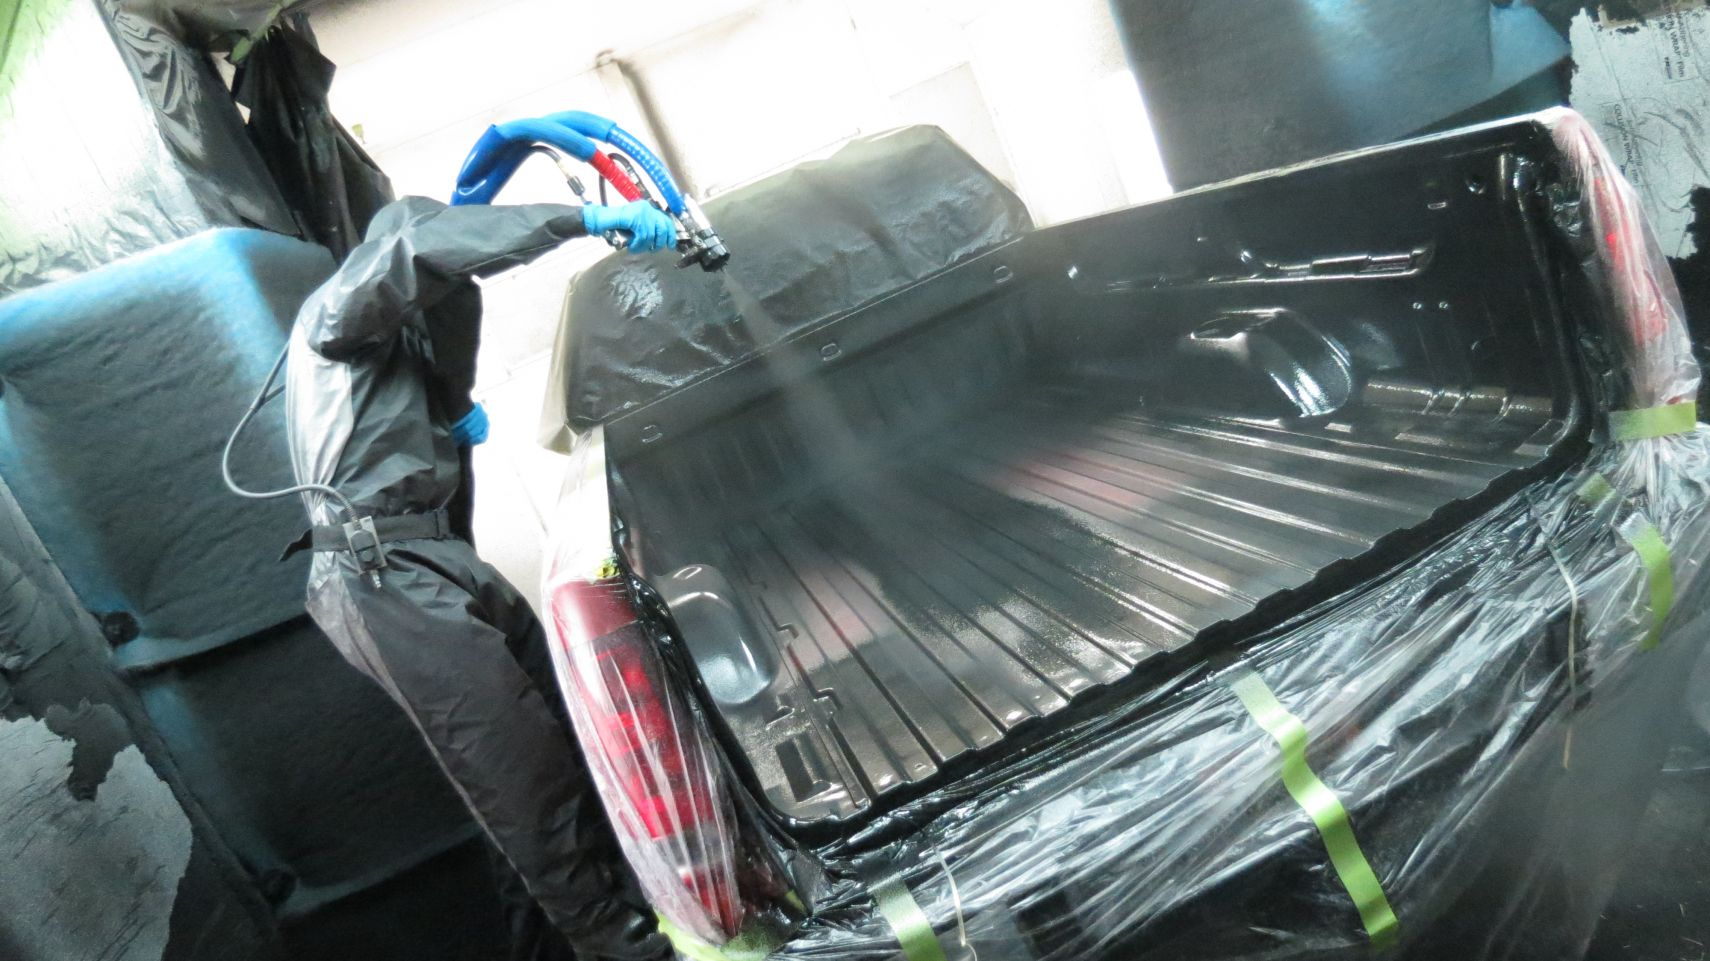 Spray On Bedliner Topperking Topperking Providing